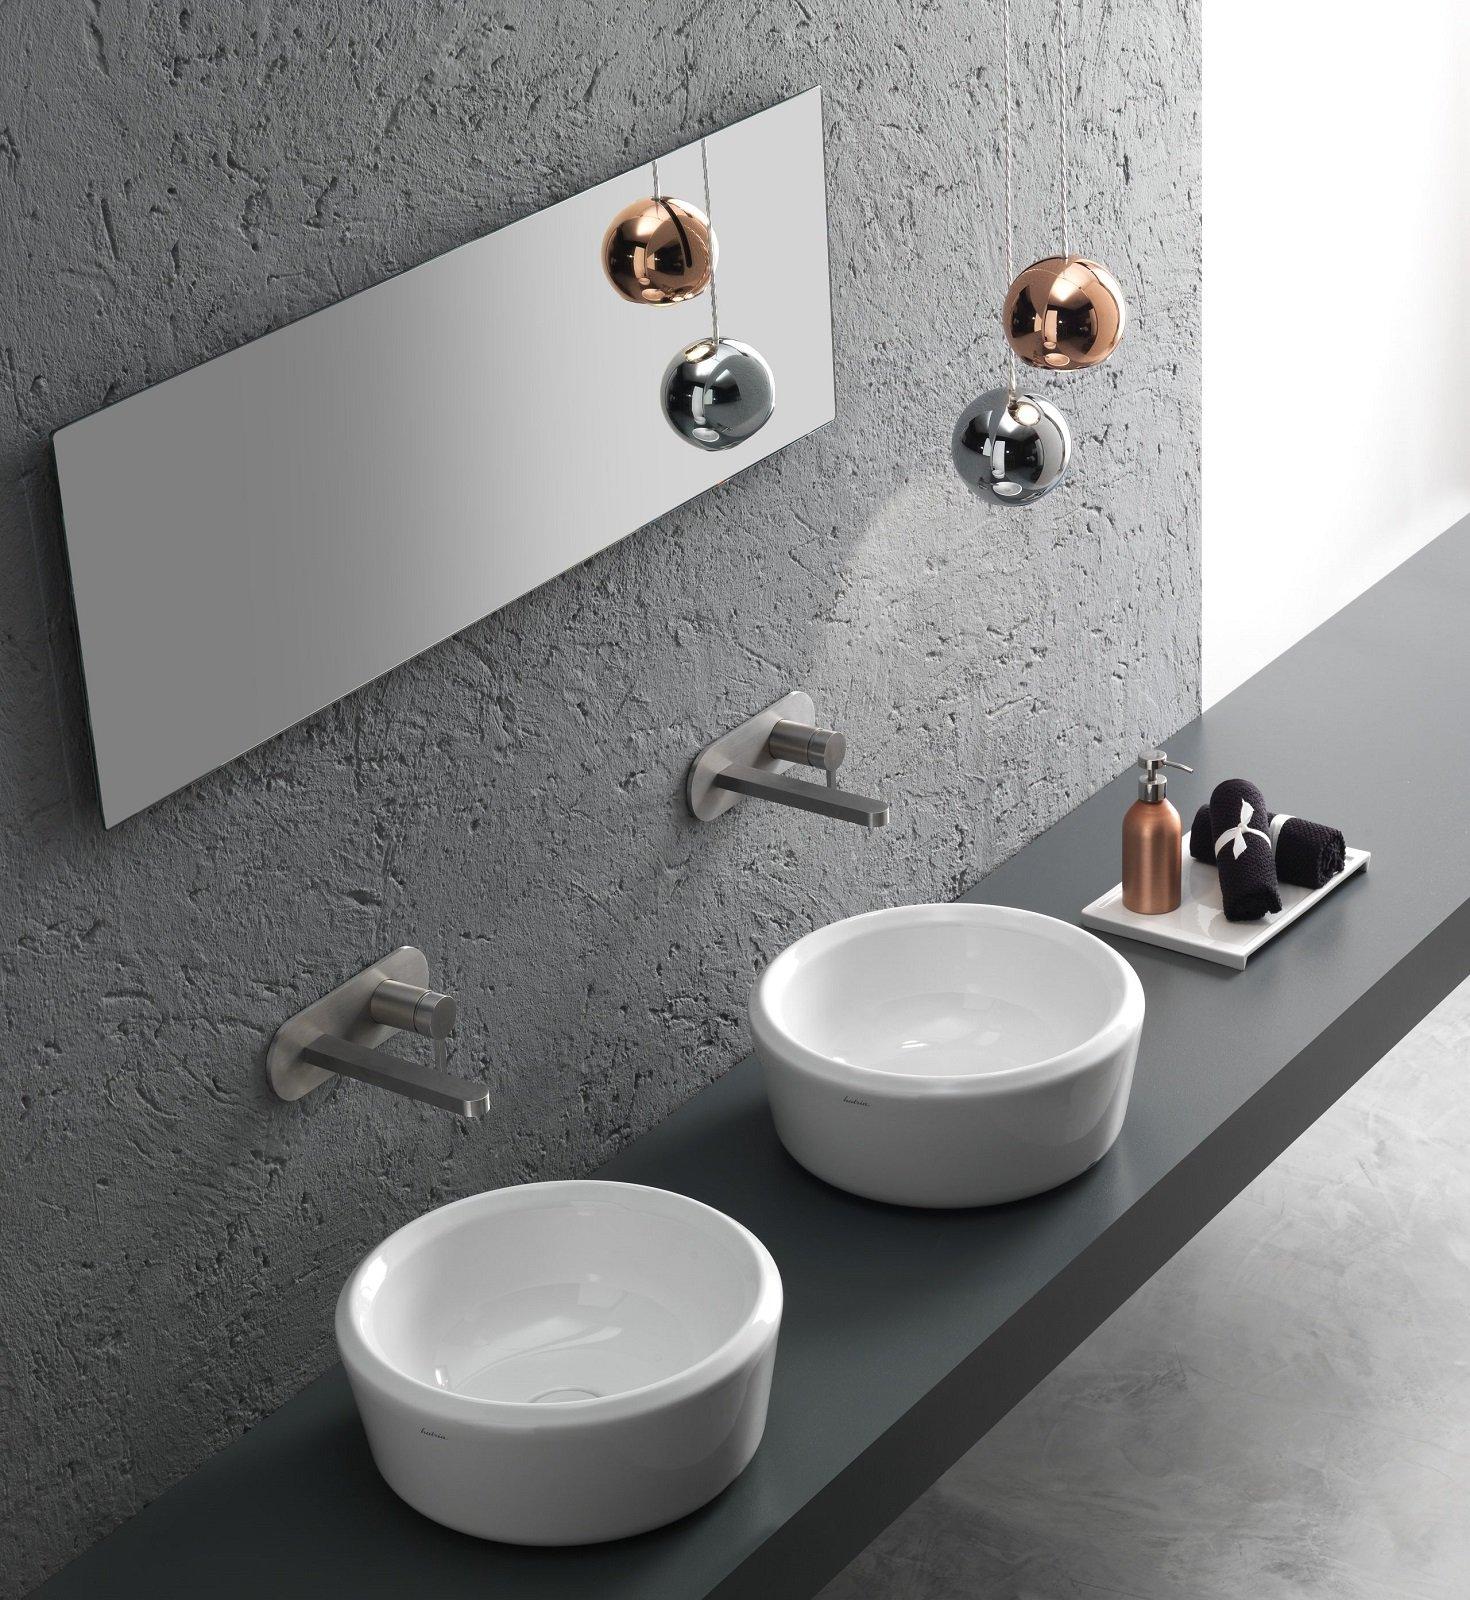 Lavabi piccoli cose di casa - Migliori marche sanitari bagno ...